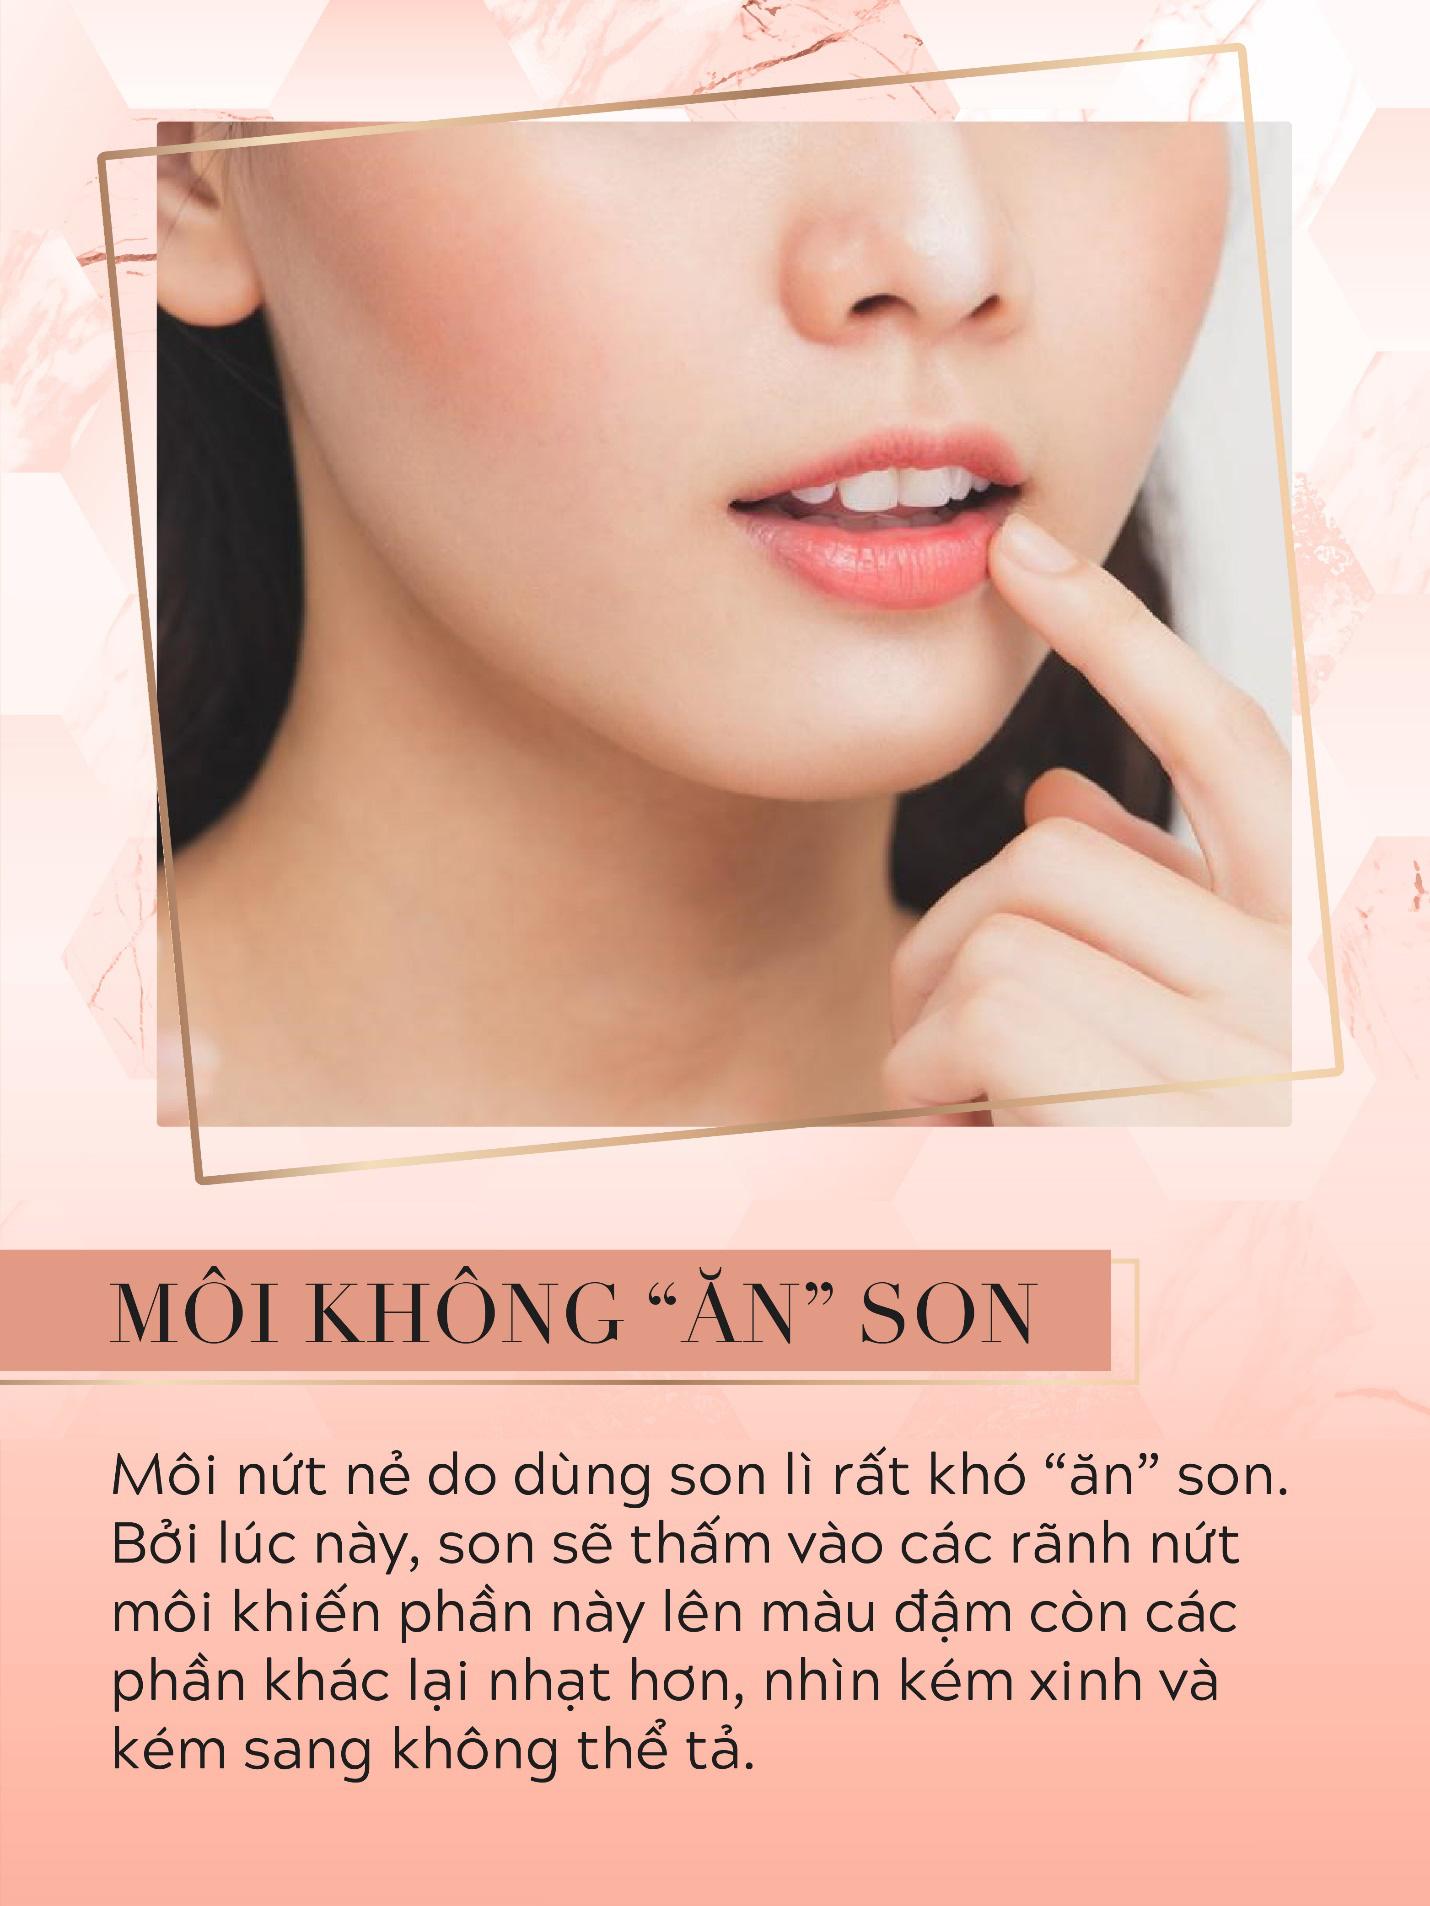 """Soi kỹ 5 biểu hiện của đôi môi """"ngại"""" son lì để thấy vì sao phải chọn ngay dòng son trang điểm chứa 50% thành phần dưỡng - Ảnh 5."""